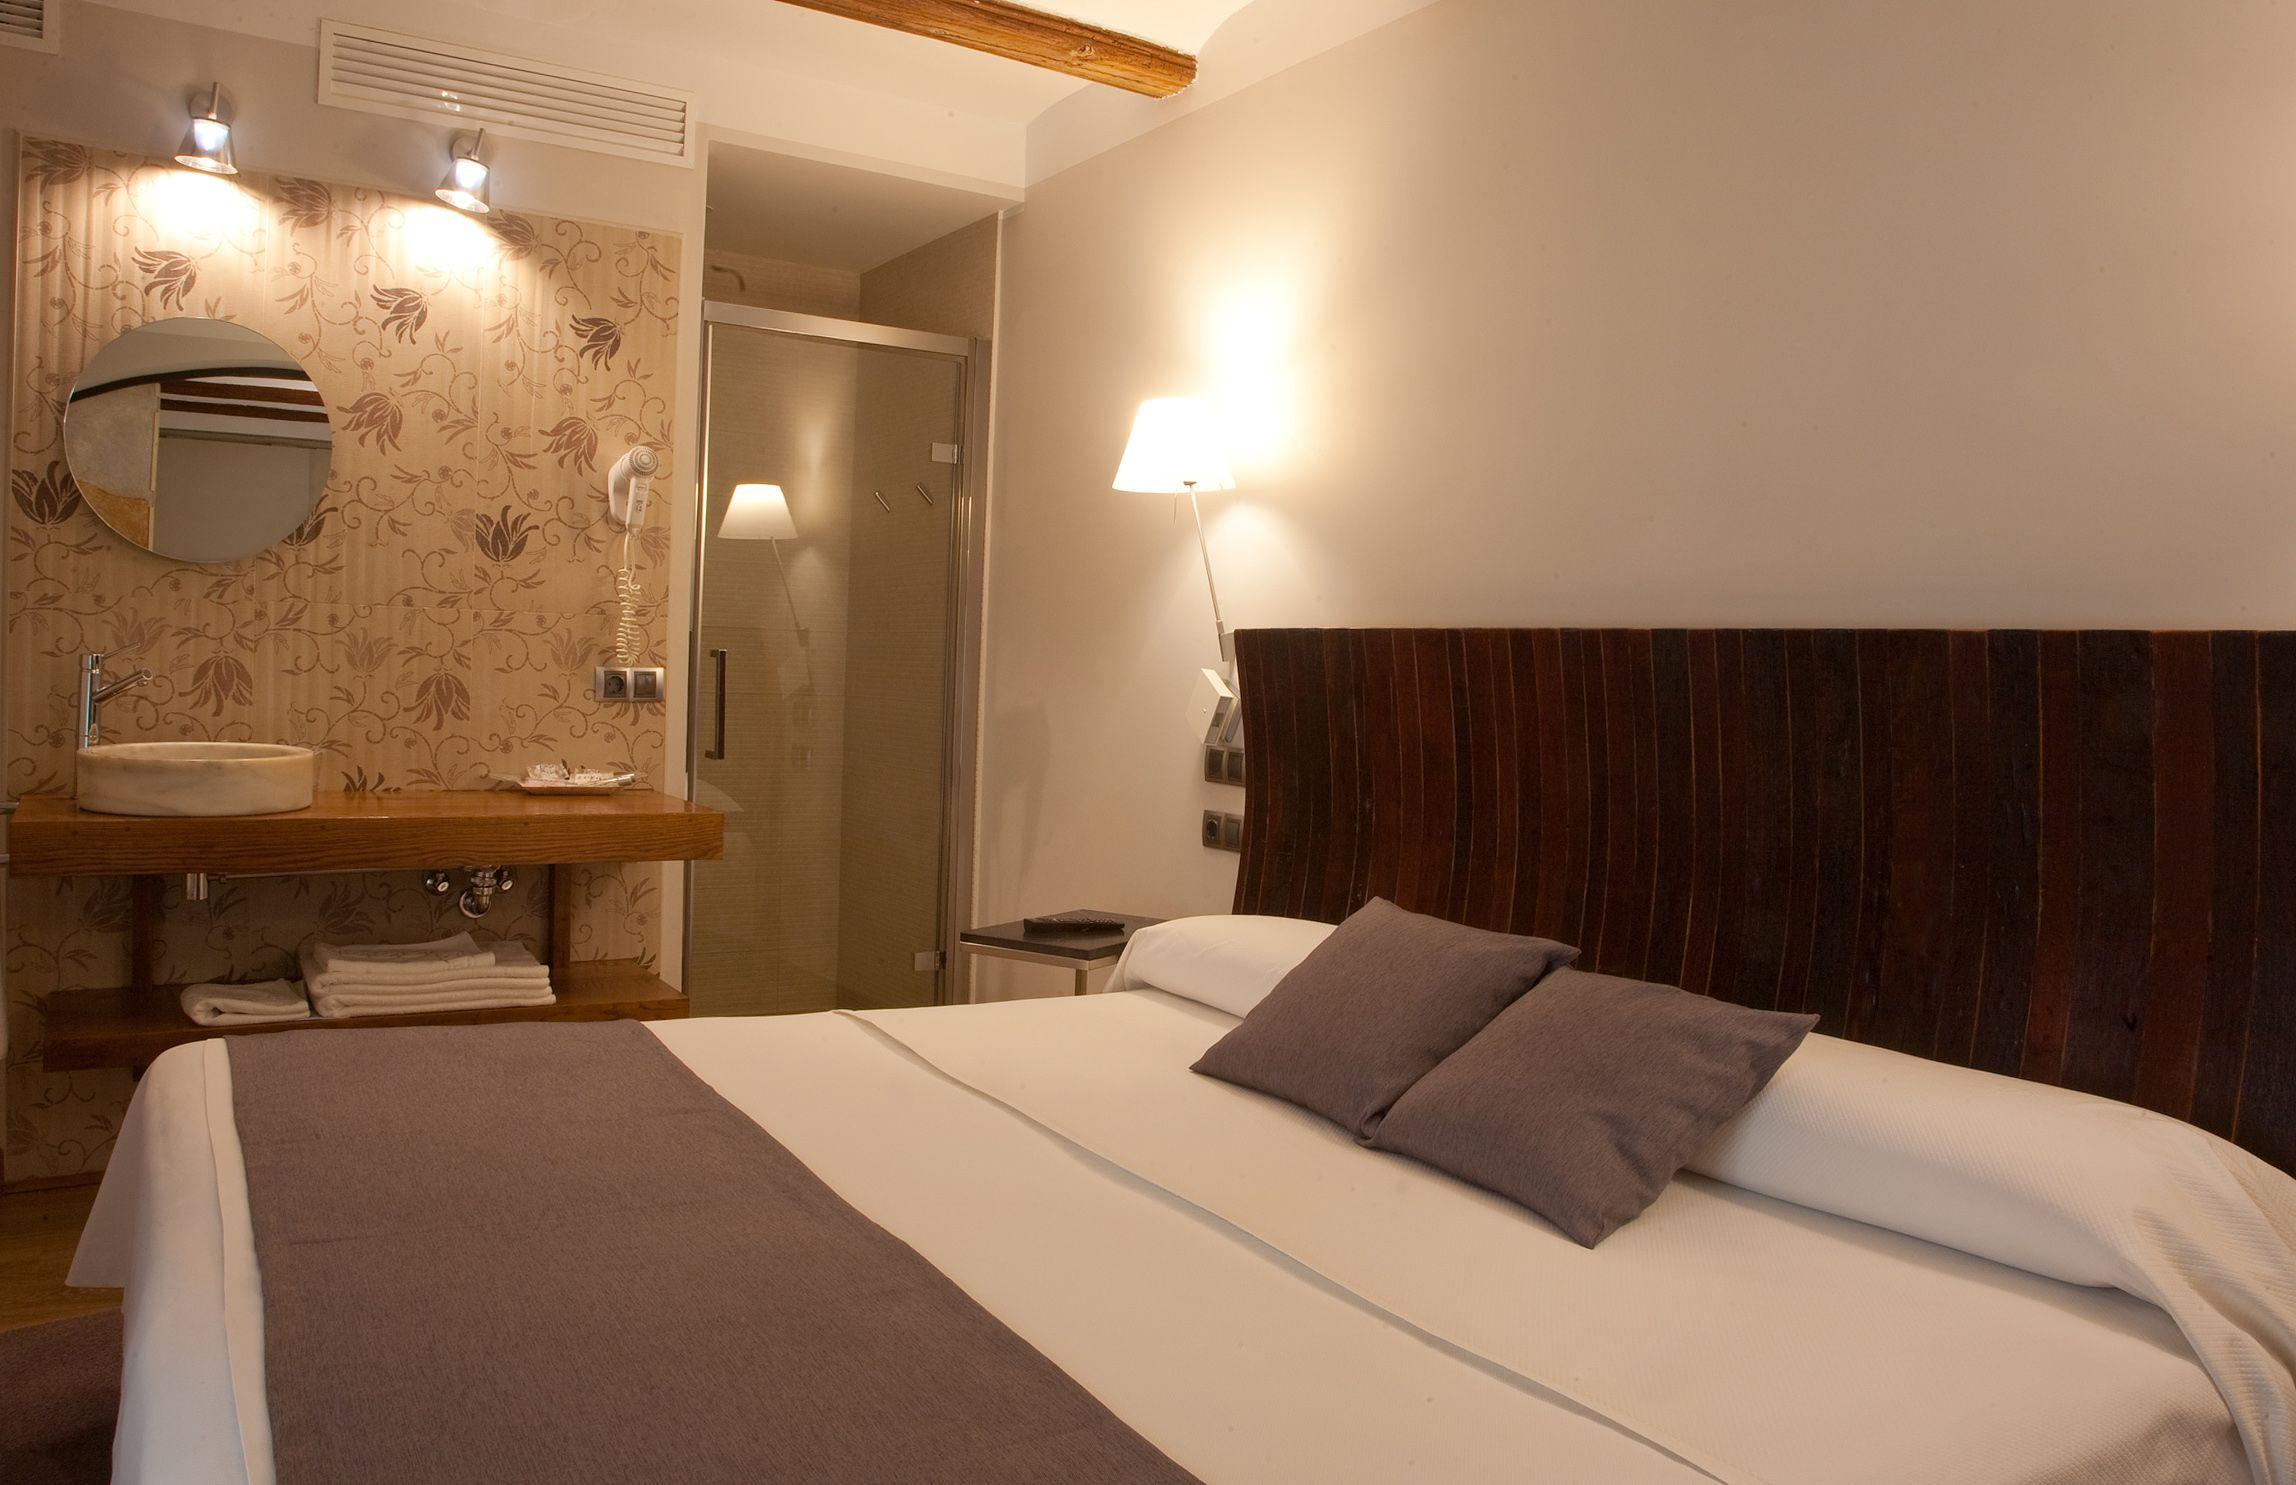 Hotel de cuatro estrellas en Estella, Navarra